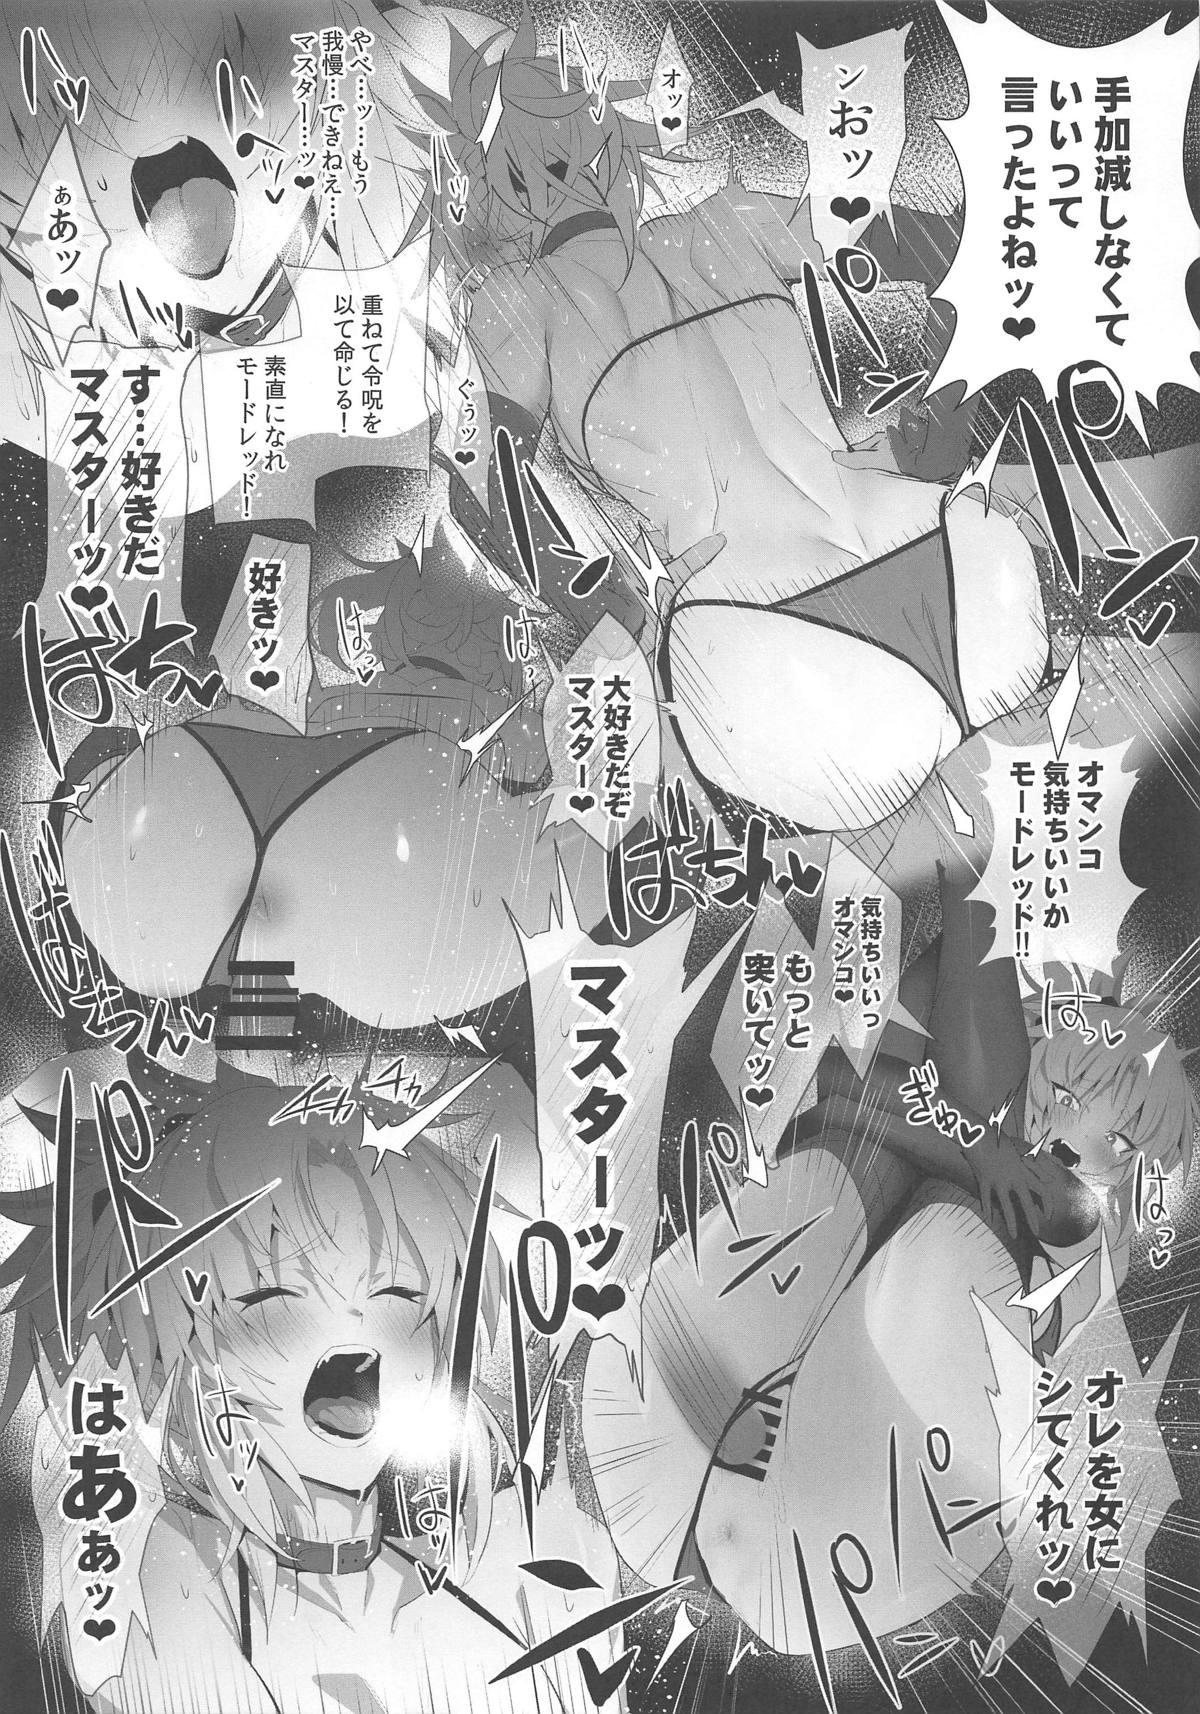 【エロ同人誌】(C95)モードレットのバキュームフェラ…体操服ブルマネロちゃまとも生中出しファックwww【うるりひ: SUKEBE Order VOL.2】